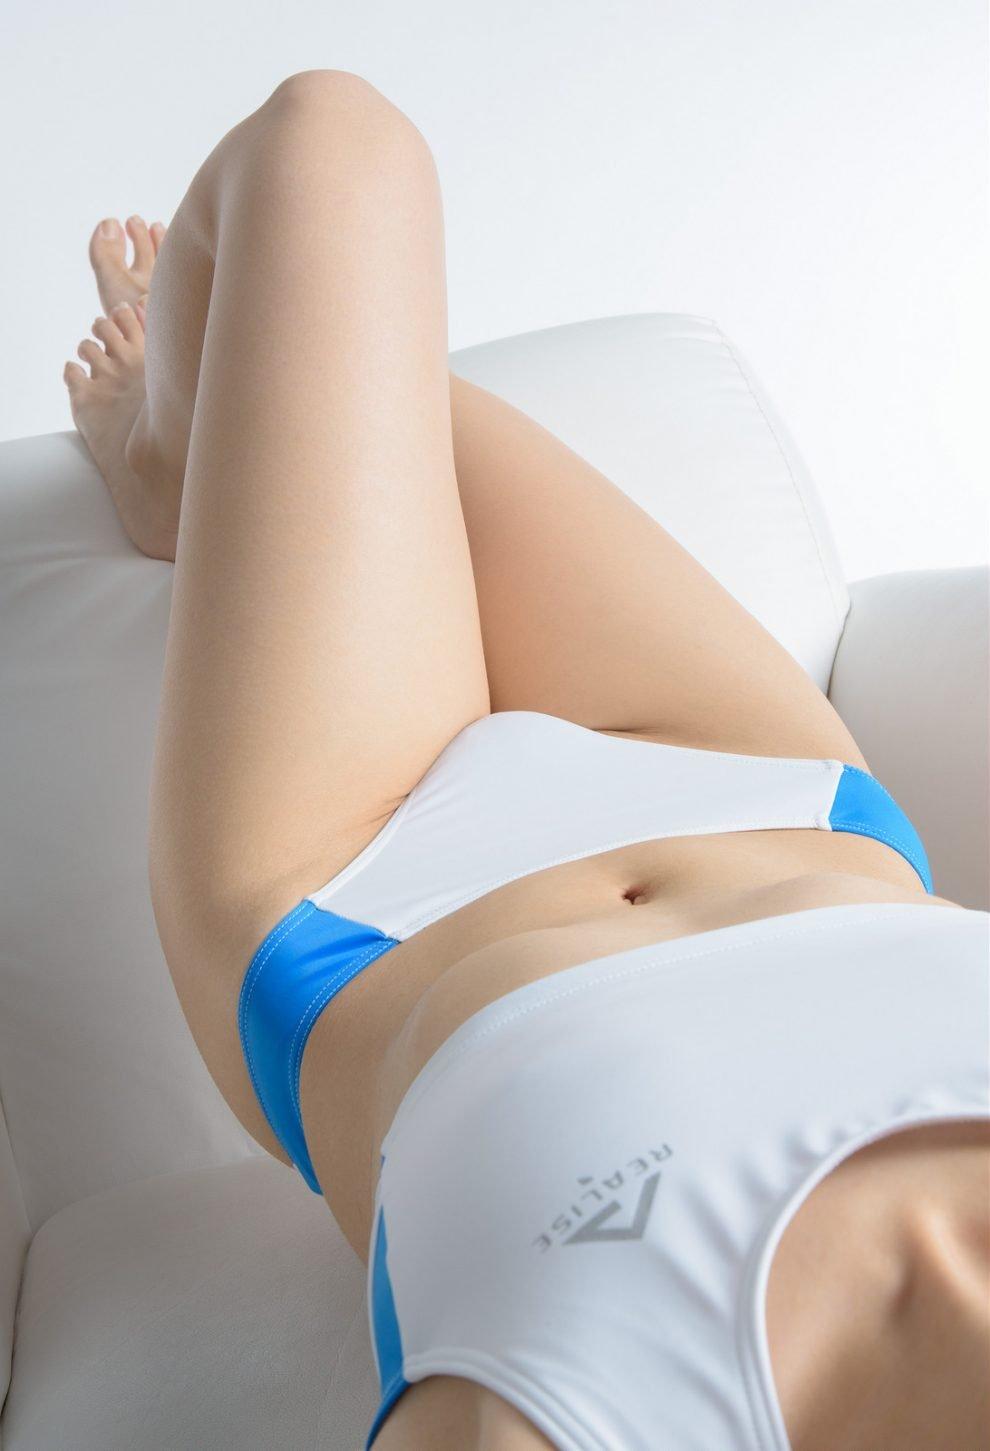 futomomo футомомо фото ножки девушки отвратительные мужики disgusting men